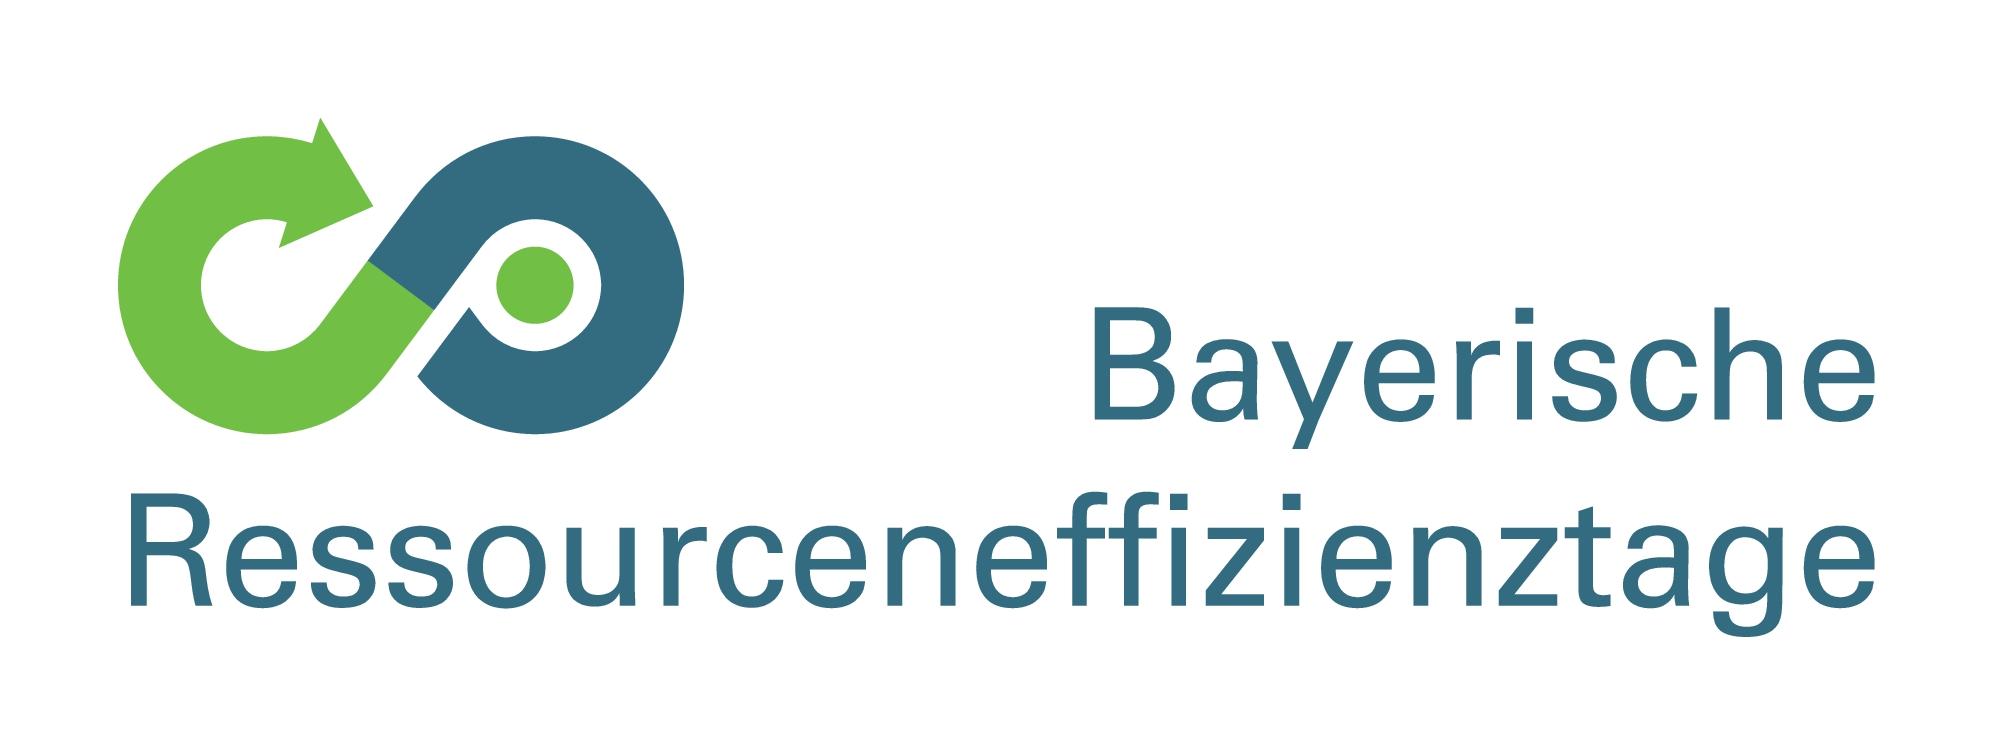 Ressourceneffizienztage_Logo